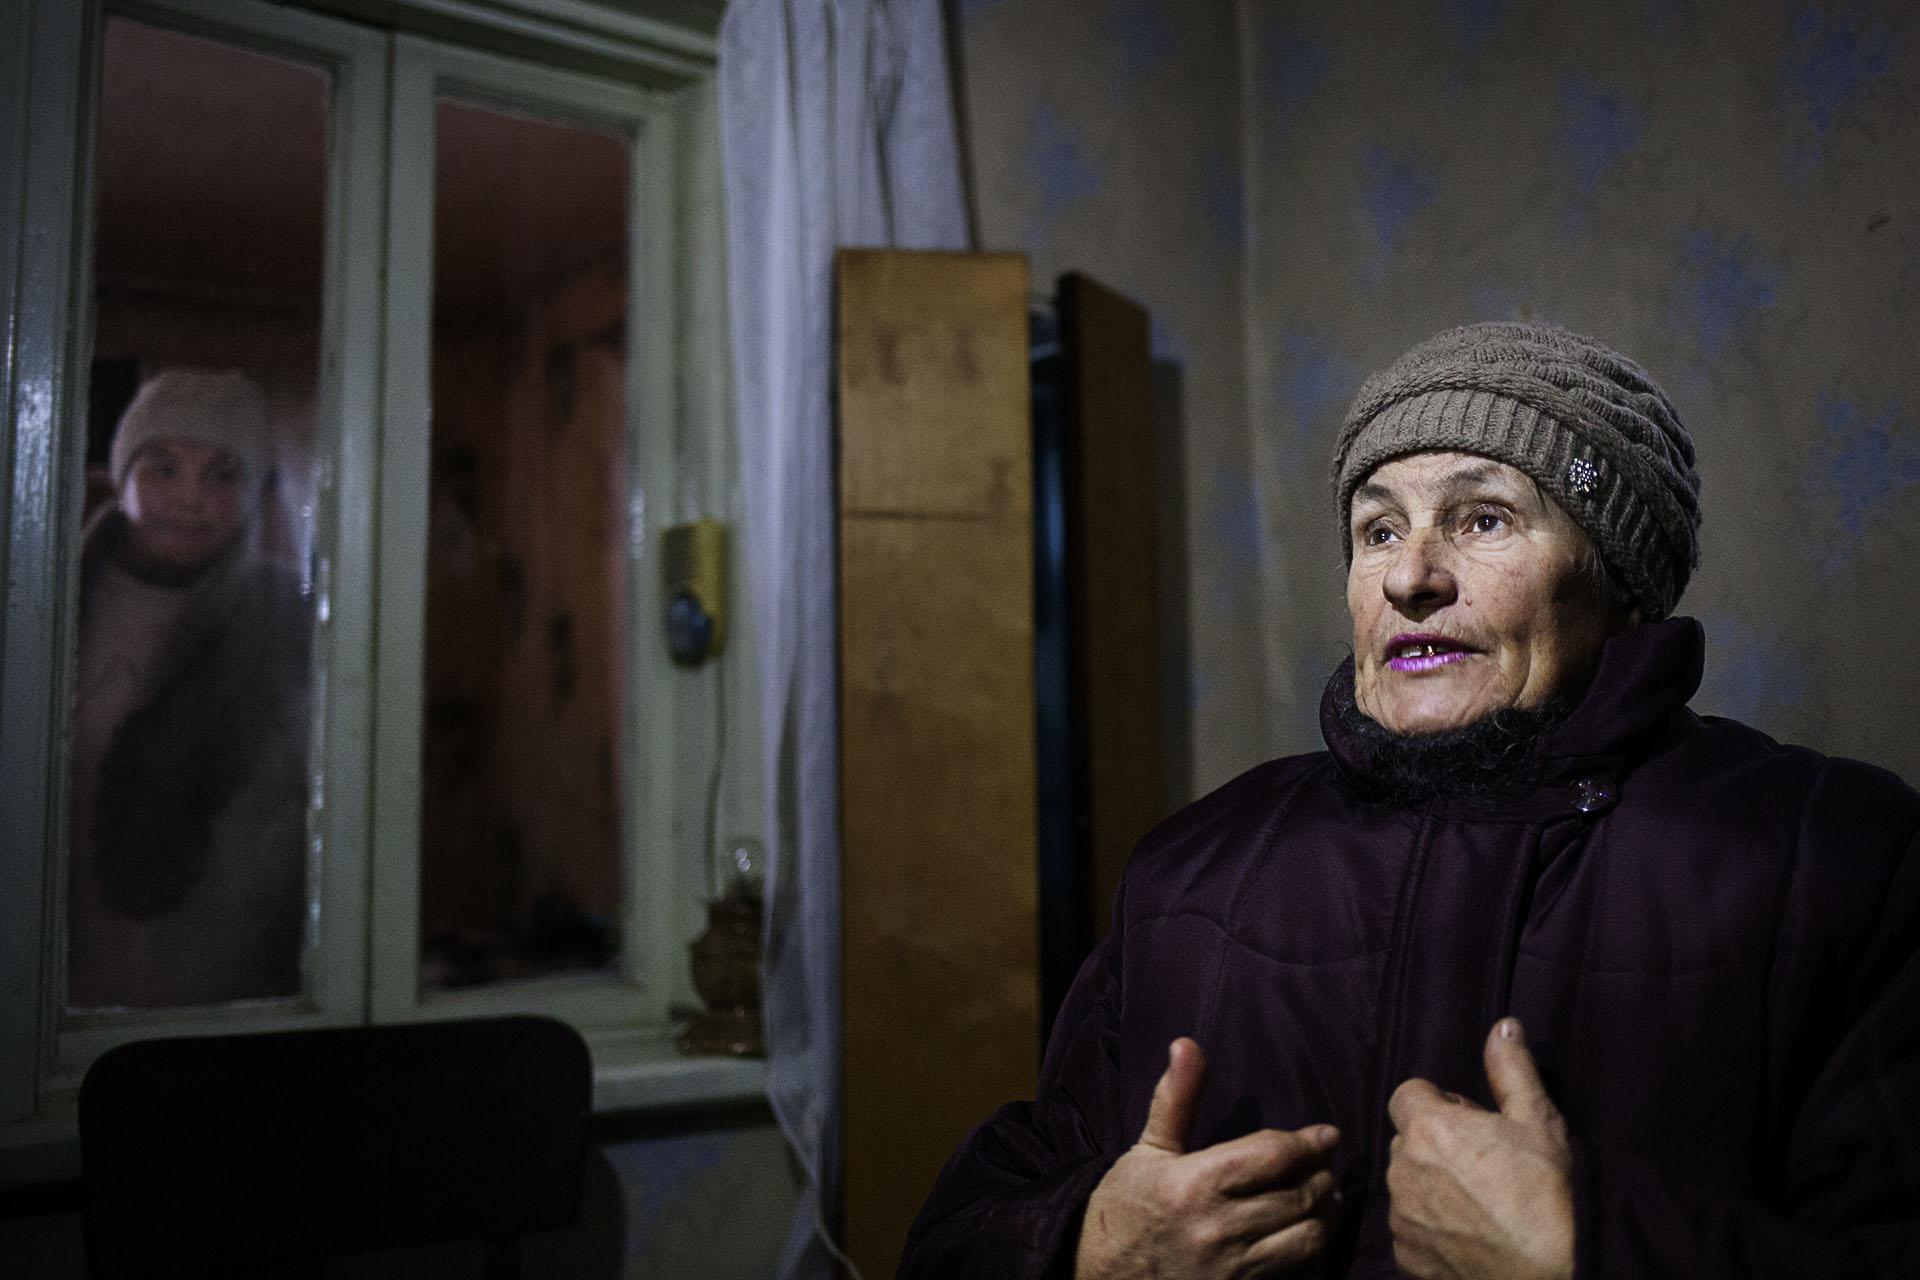 Una mujer explica las durísimas condiciones de vida que soportan al vivir en la línea de frente. Además del peligro, no hay donde comprar comida, ni agua corriente ni electricidad, ni sanidad...